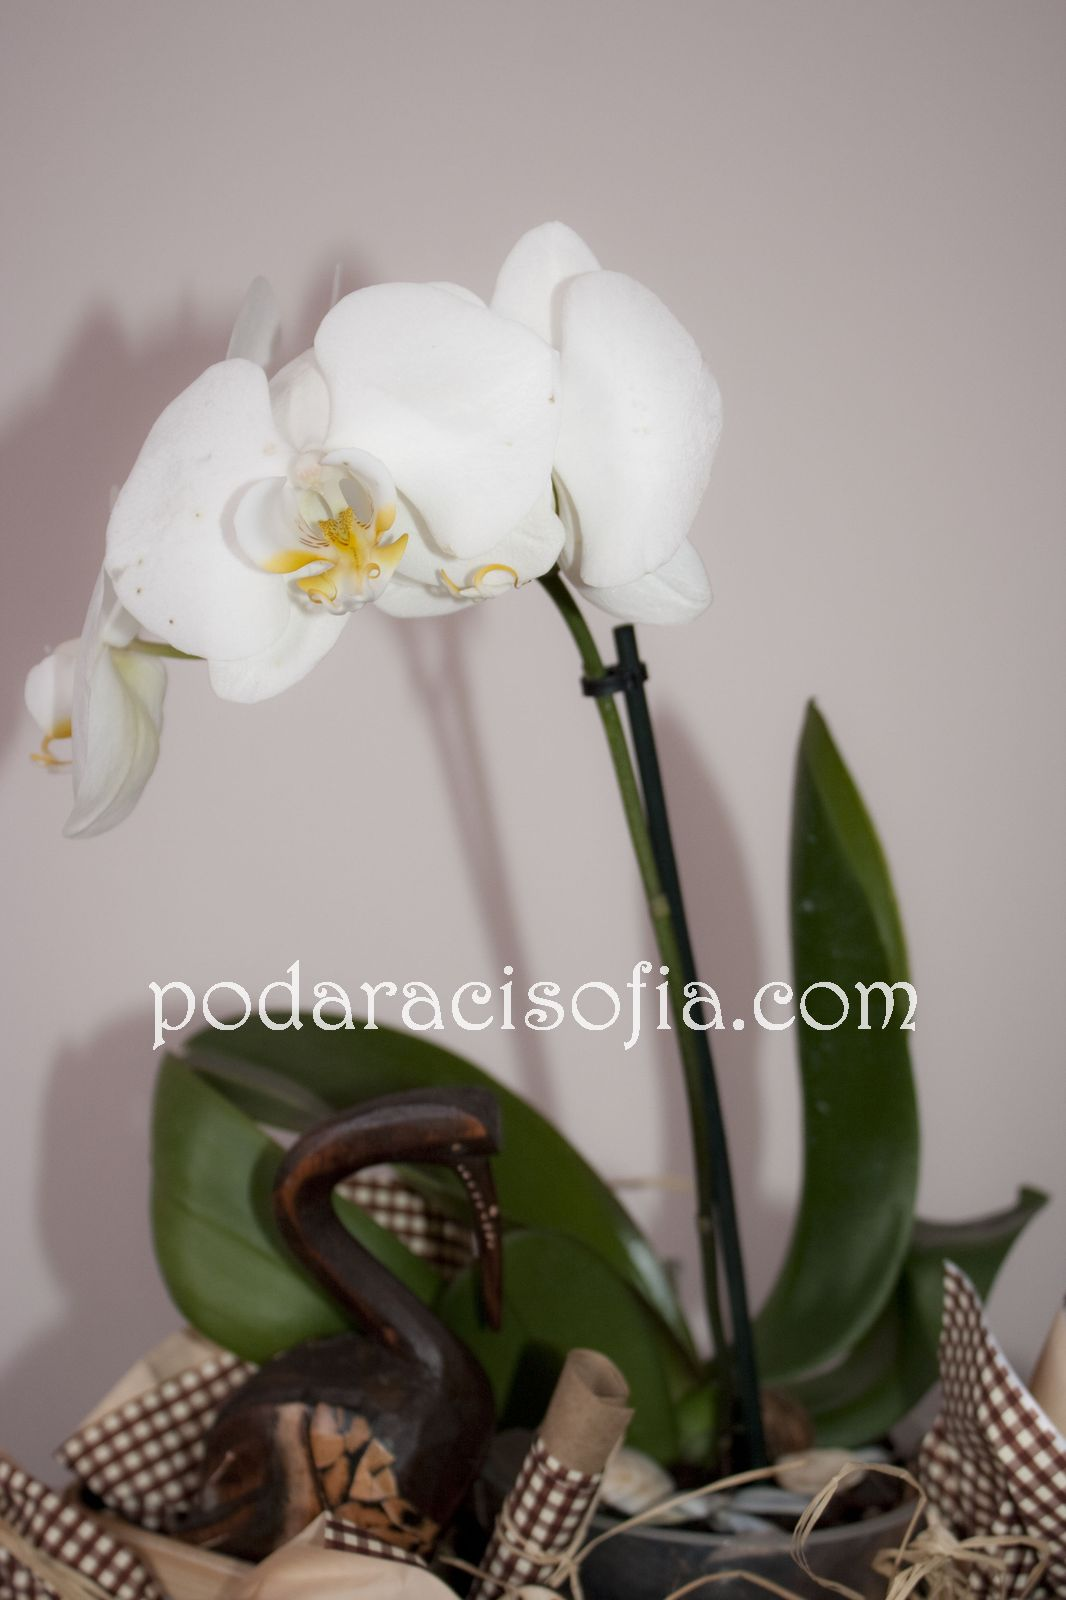 Бяла орхидея  - в центъра на подаръка